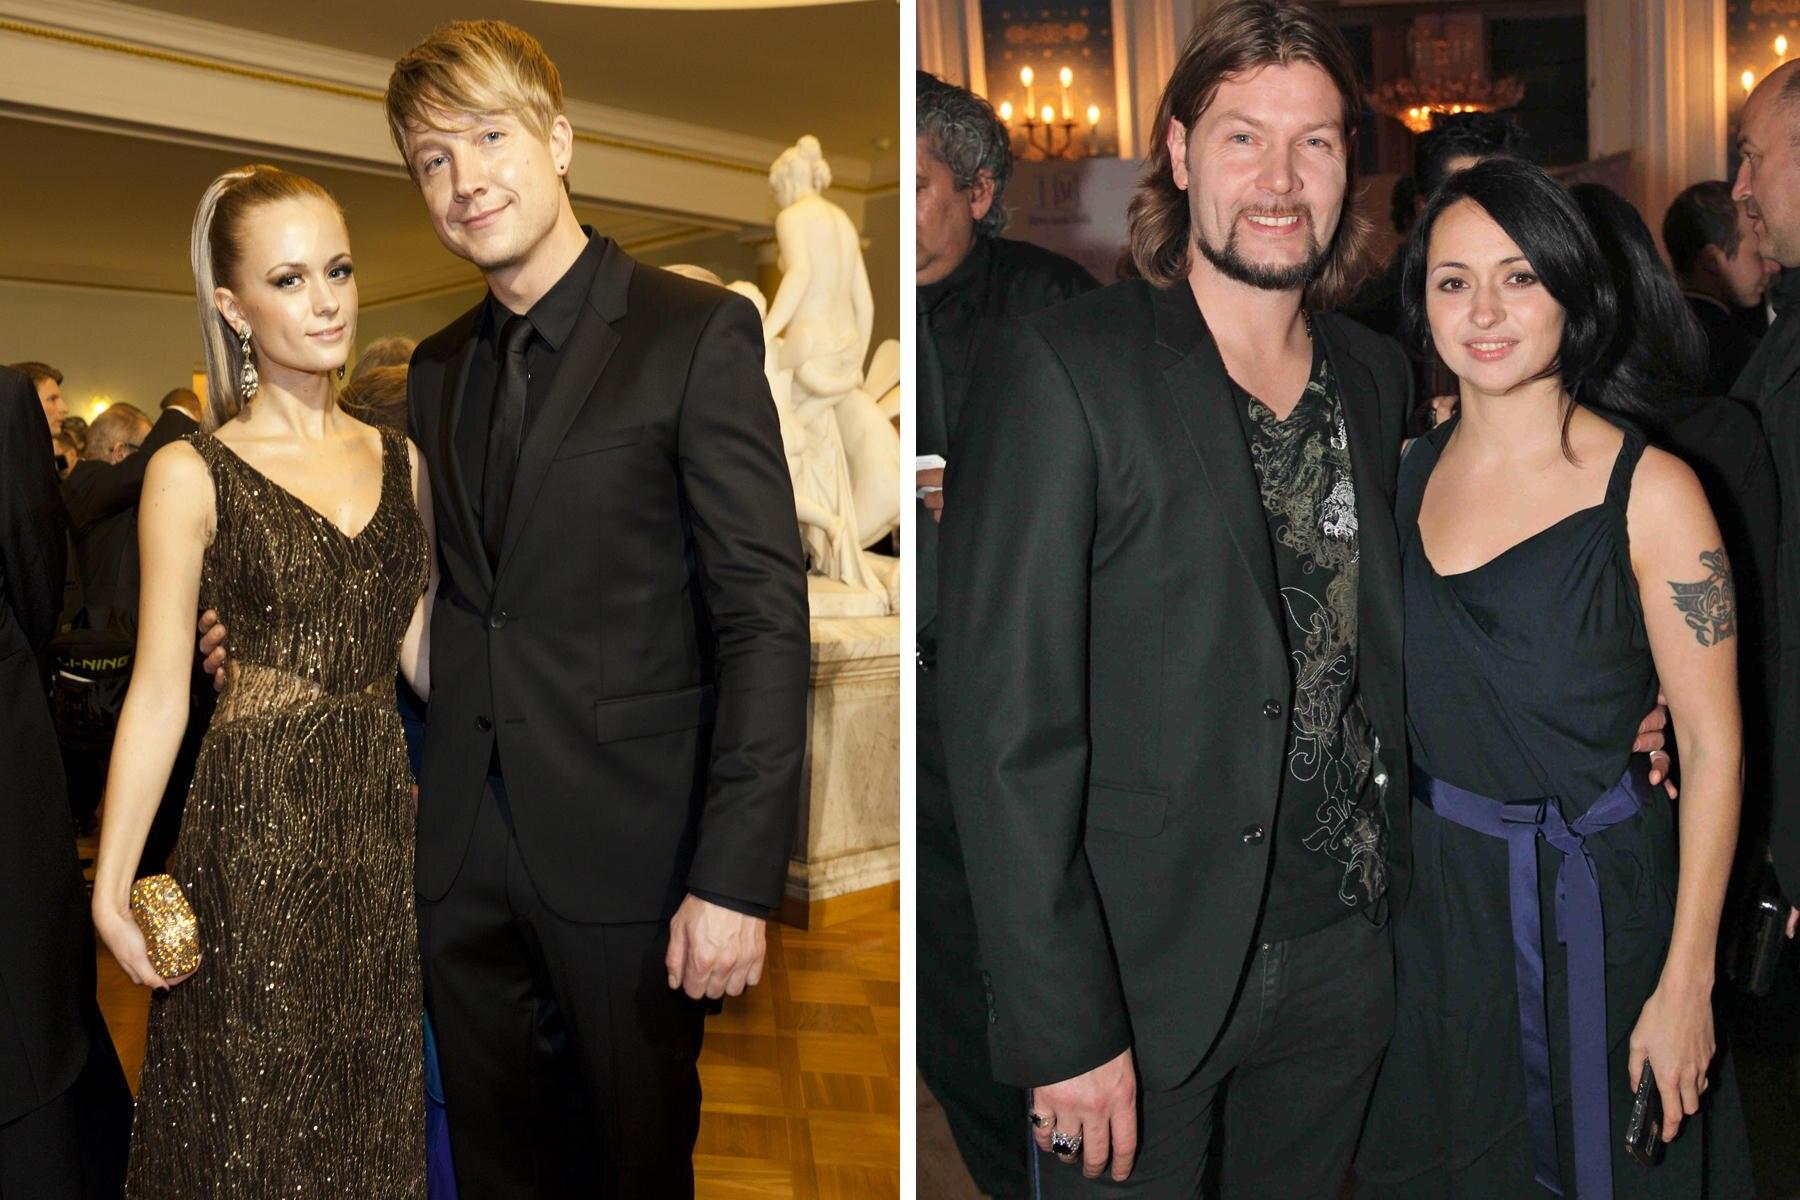 Seit 2010 liiert: Samu Haber und Vivianne.   Rea Garvey mit Ehefrau Josephine. Die beiden sind seit 2002 verheiratet.